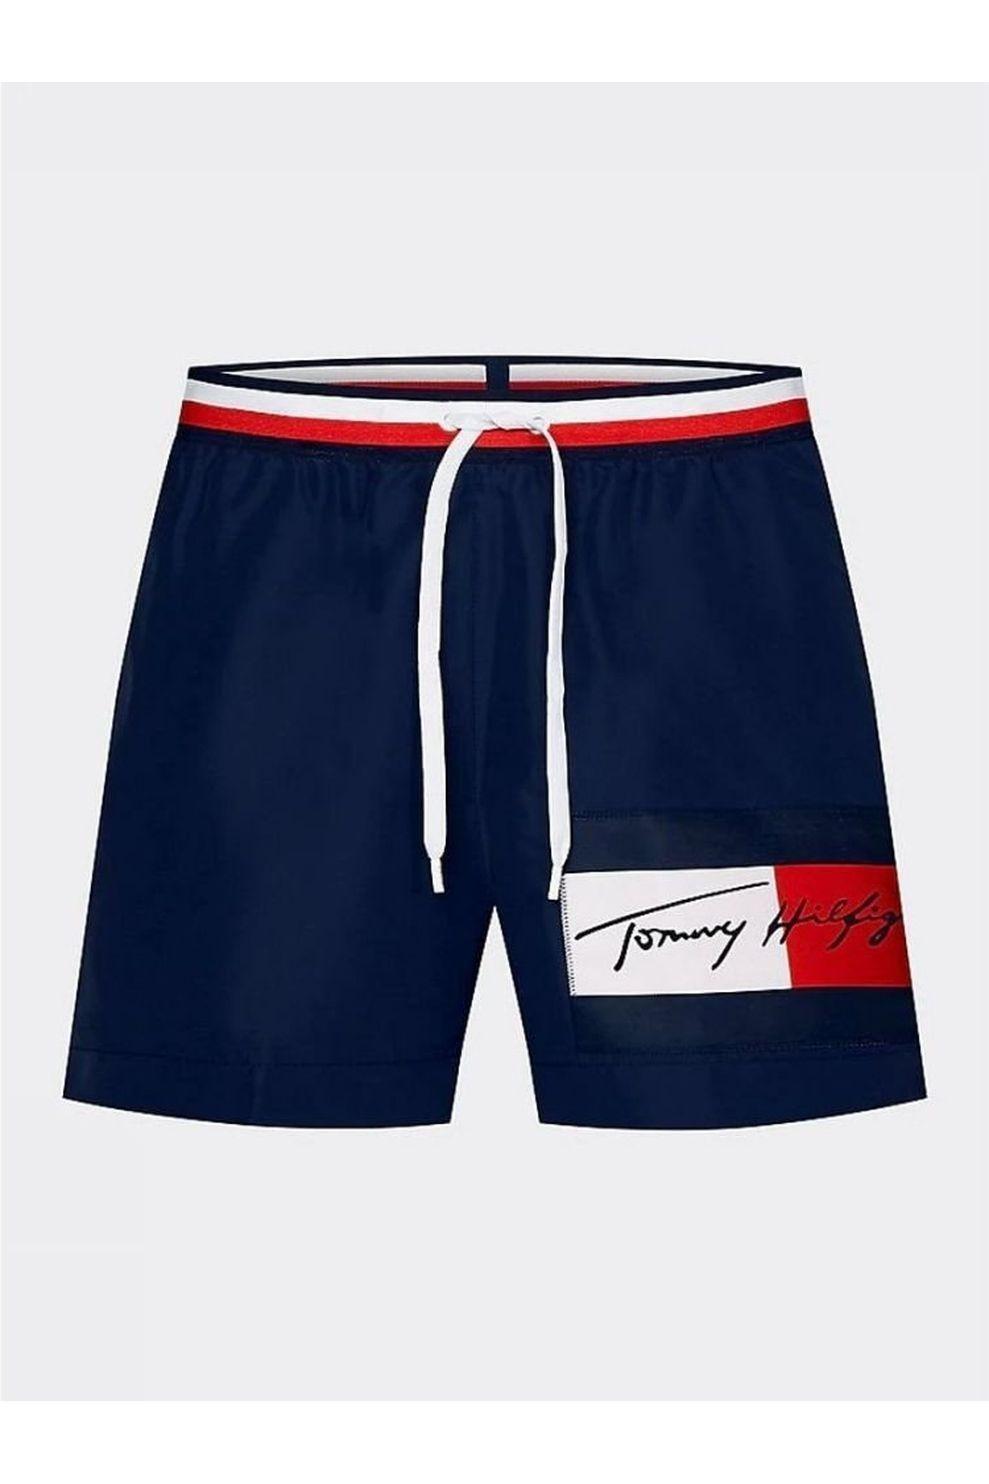 Tommy Hilfiger Zwemshort Medium Drawstring voor heren - Blauw - Maten: S, M, L, XL, XXL